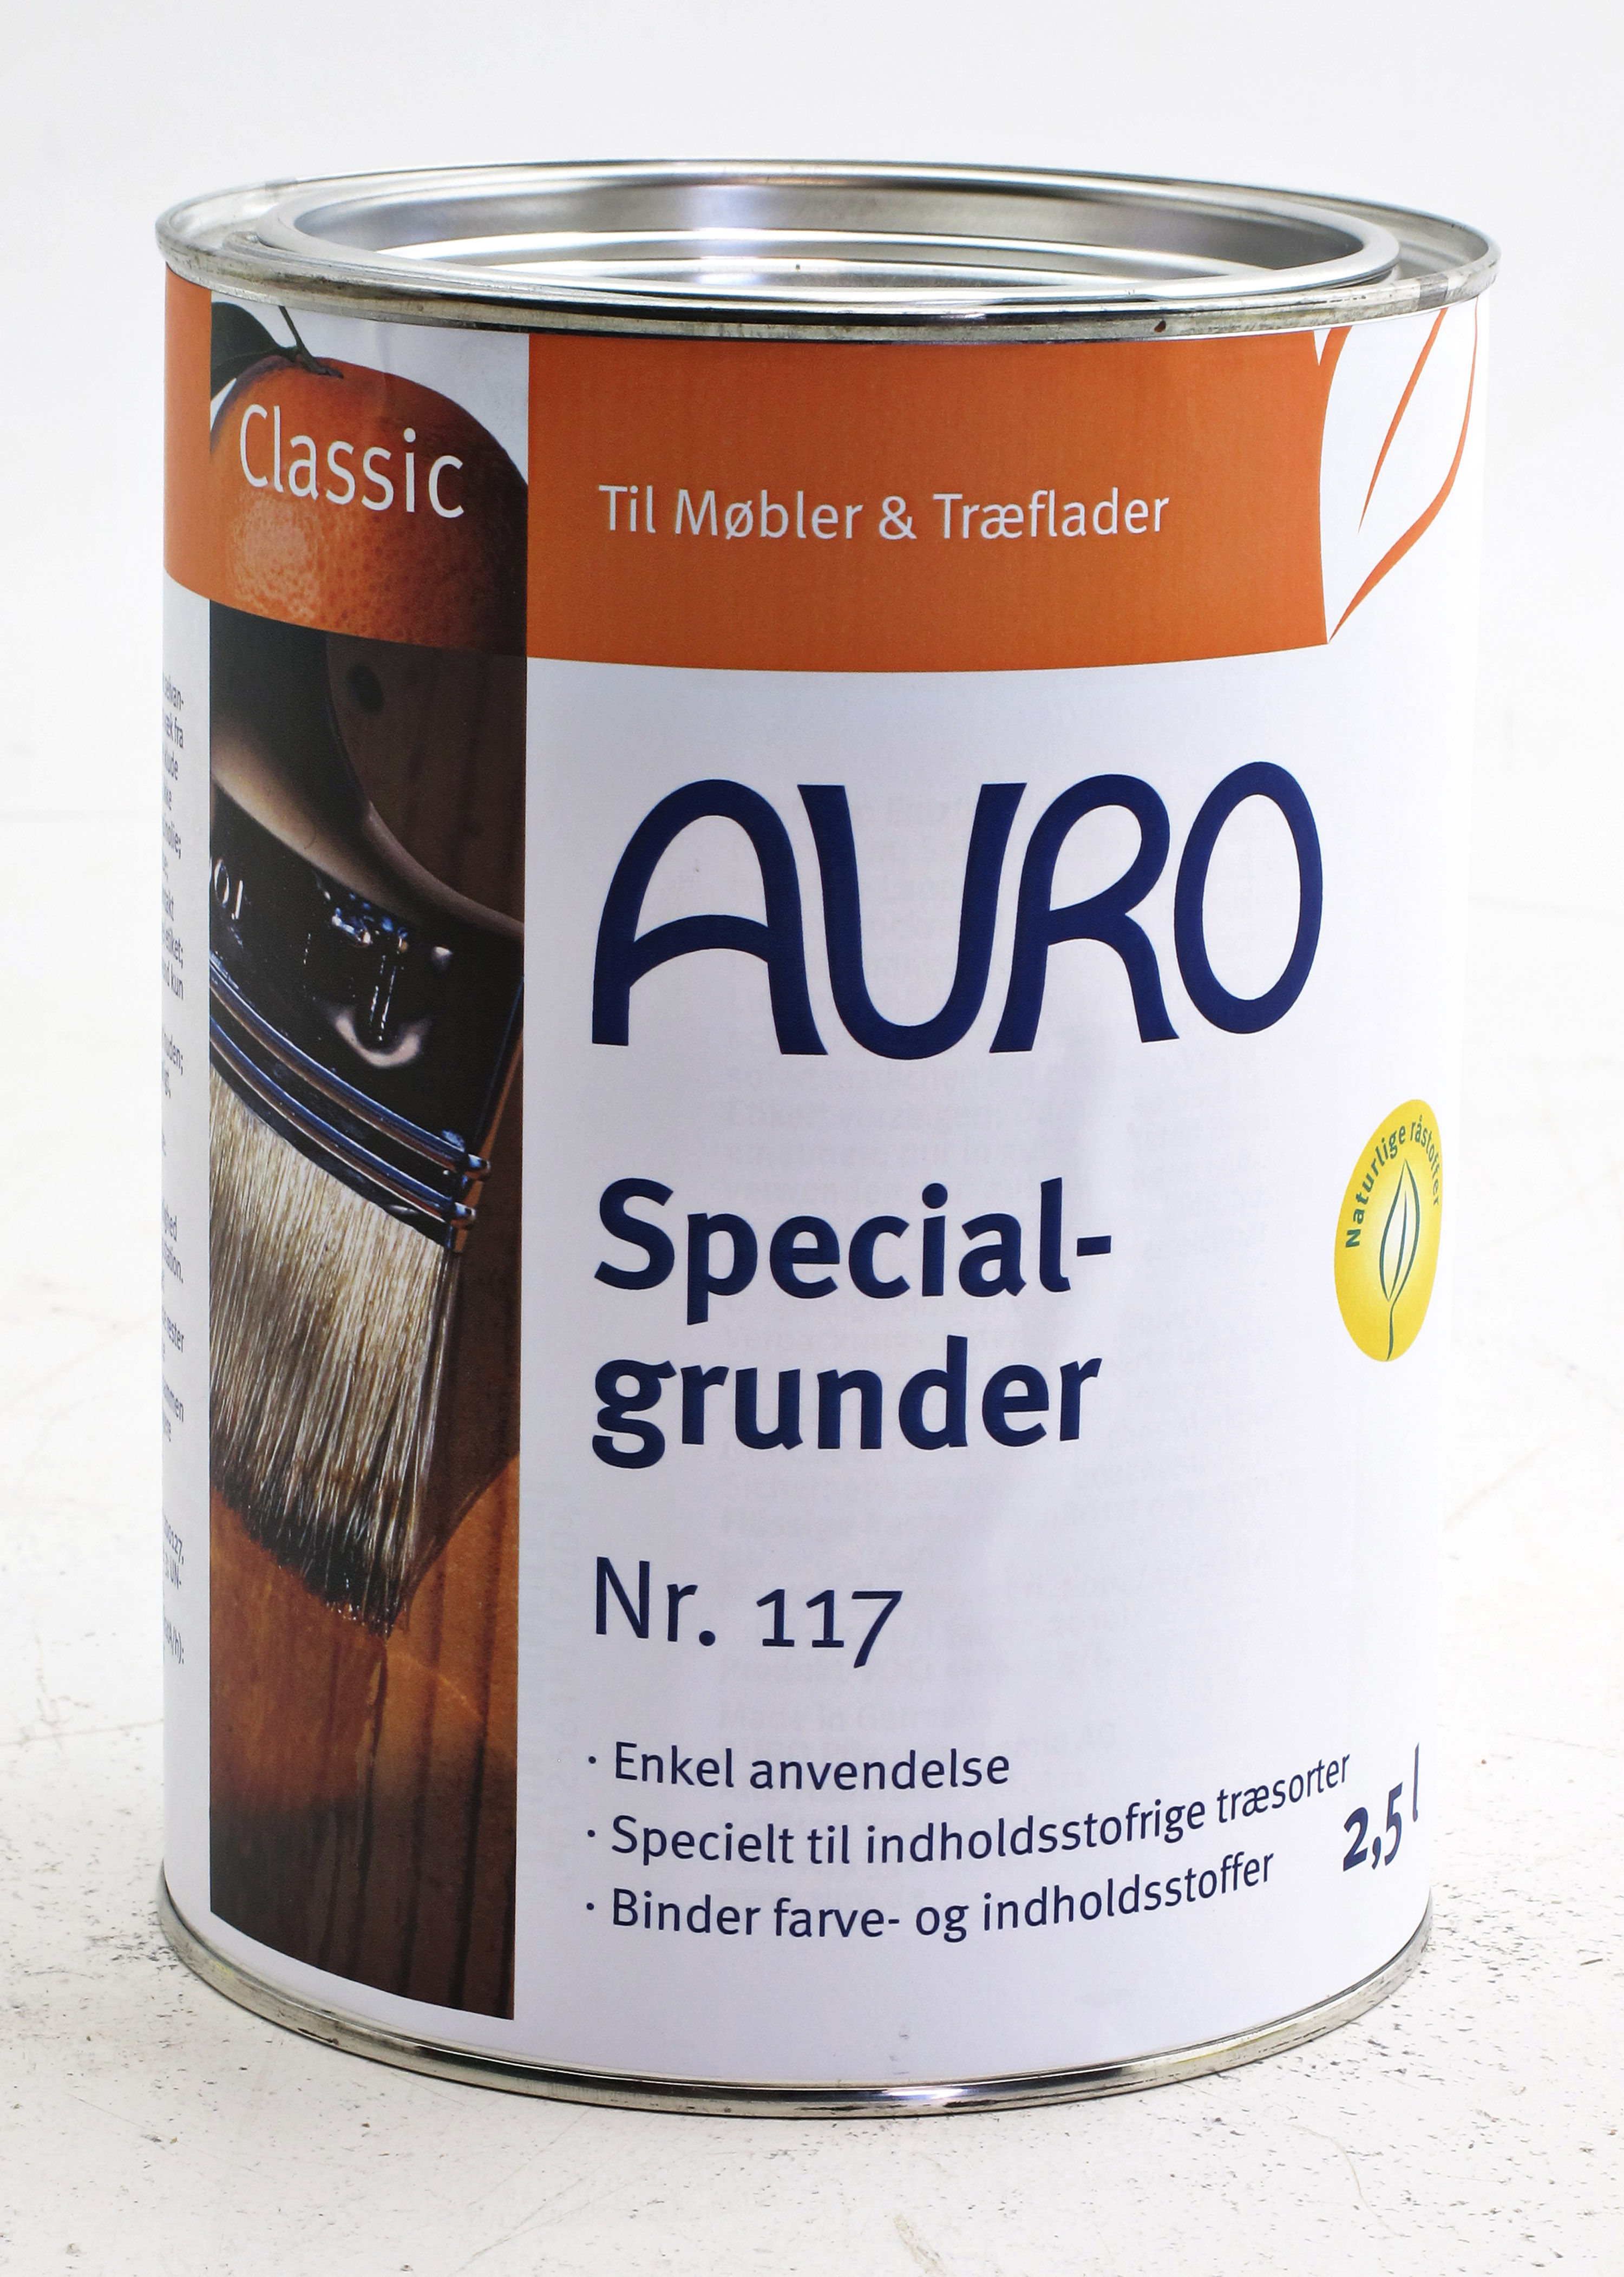 AURO Specialgrunder nr. 117